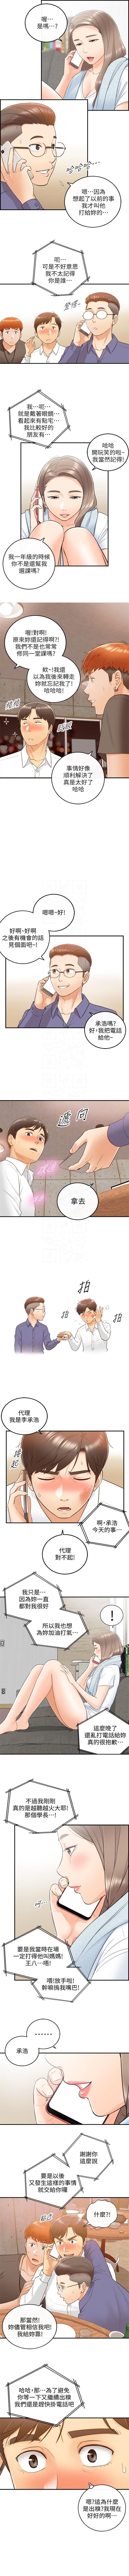 (周5)正妹小主管 1-26 中文翻译(更新中) 54